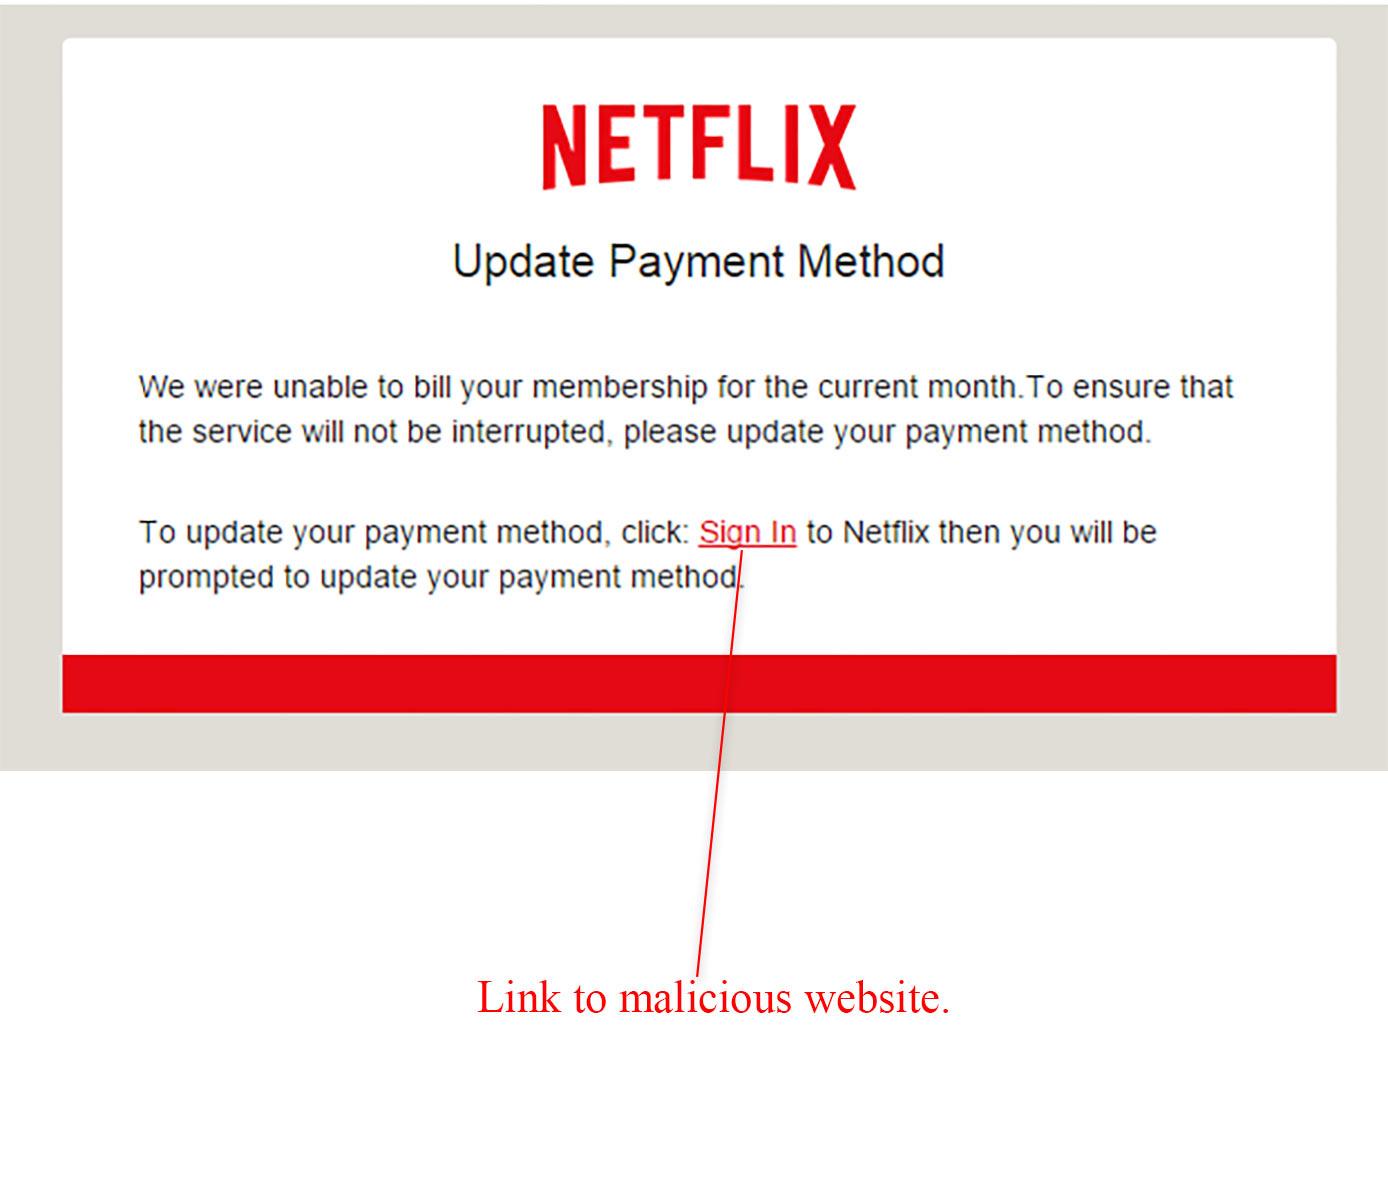 Netflix Billing Scam Email - MailShark